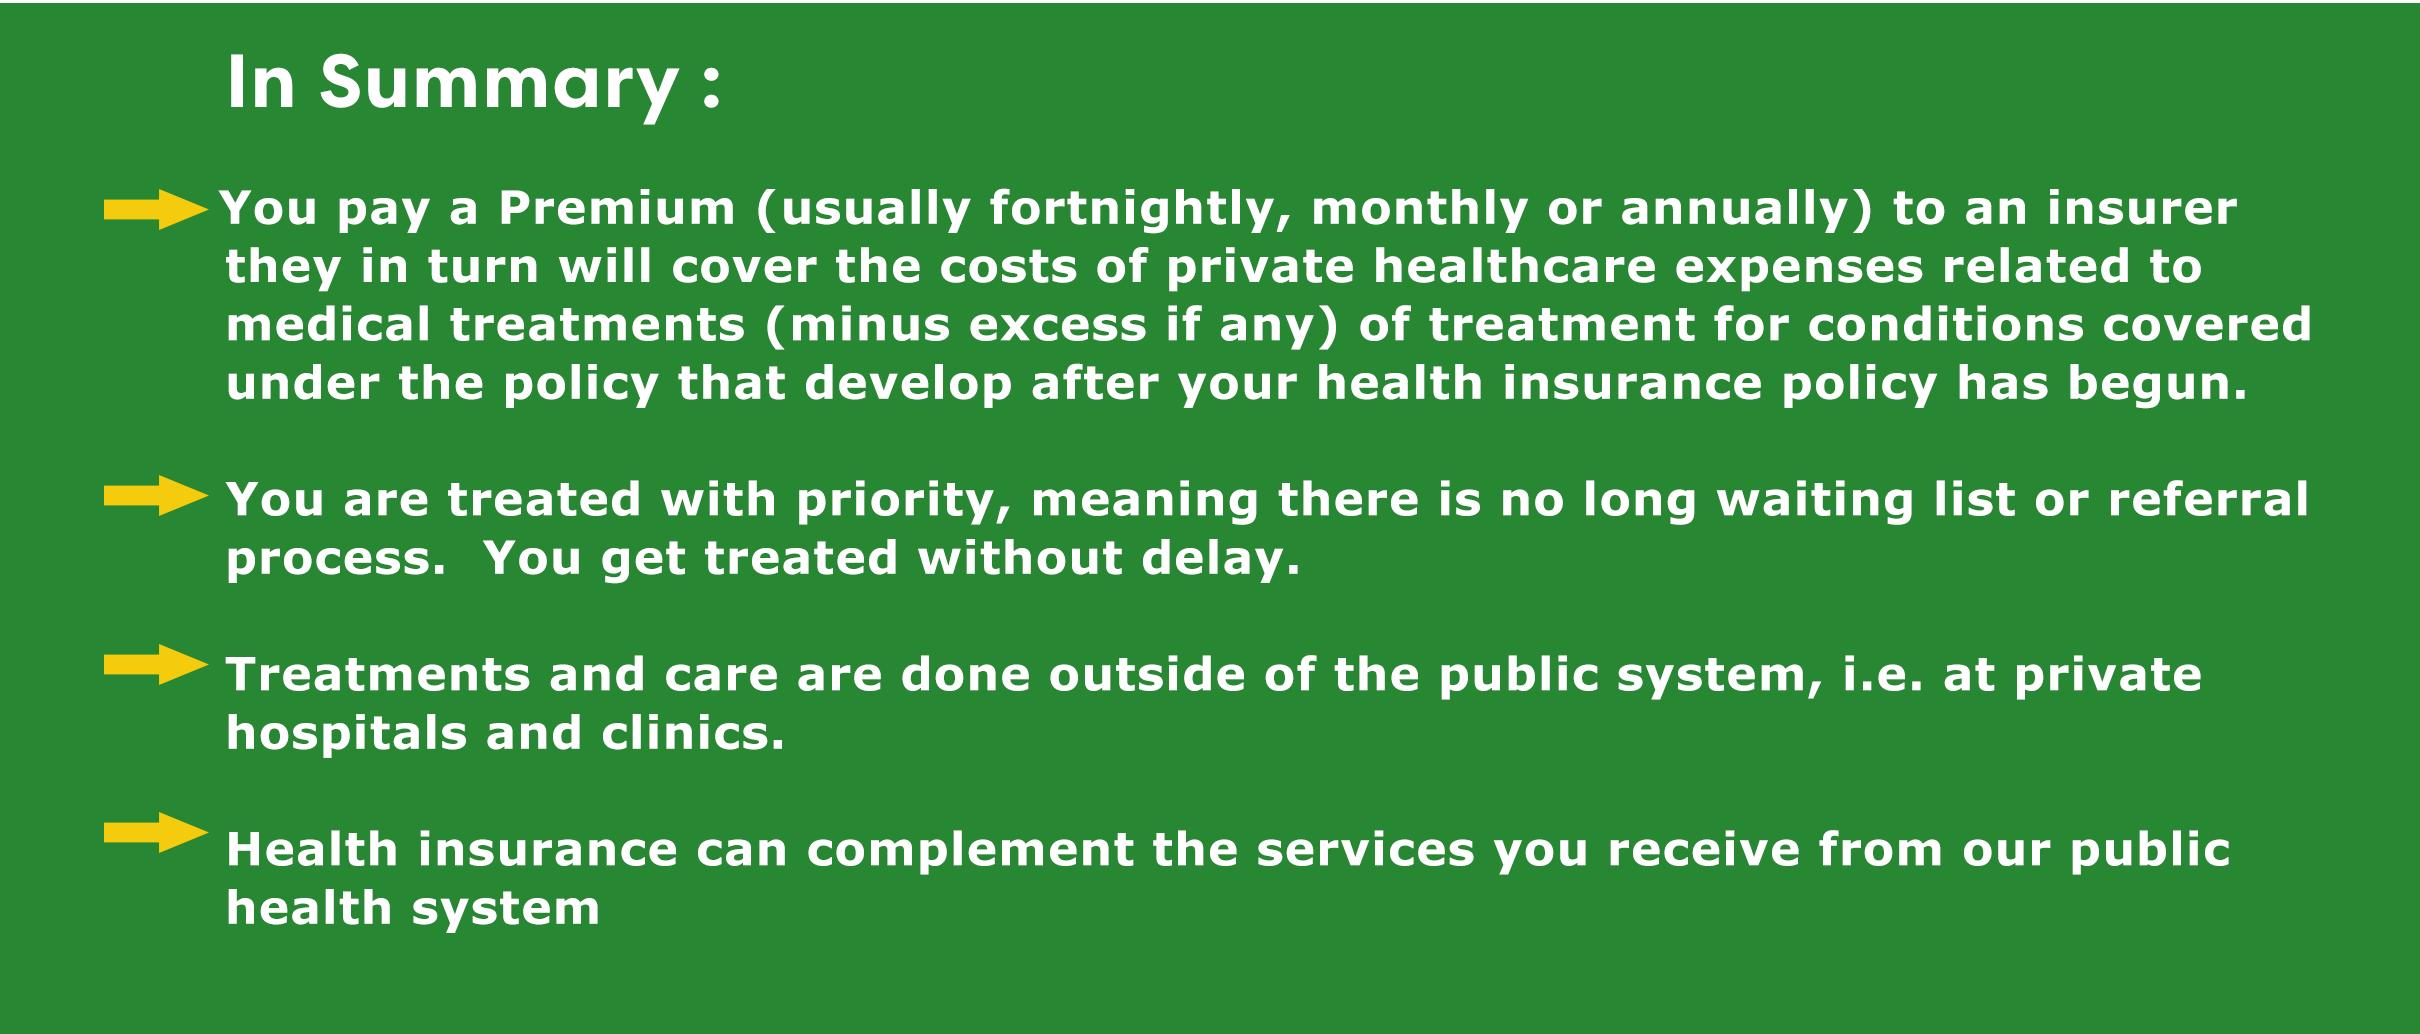 health insurance summary